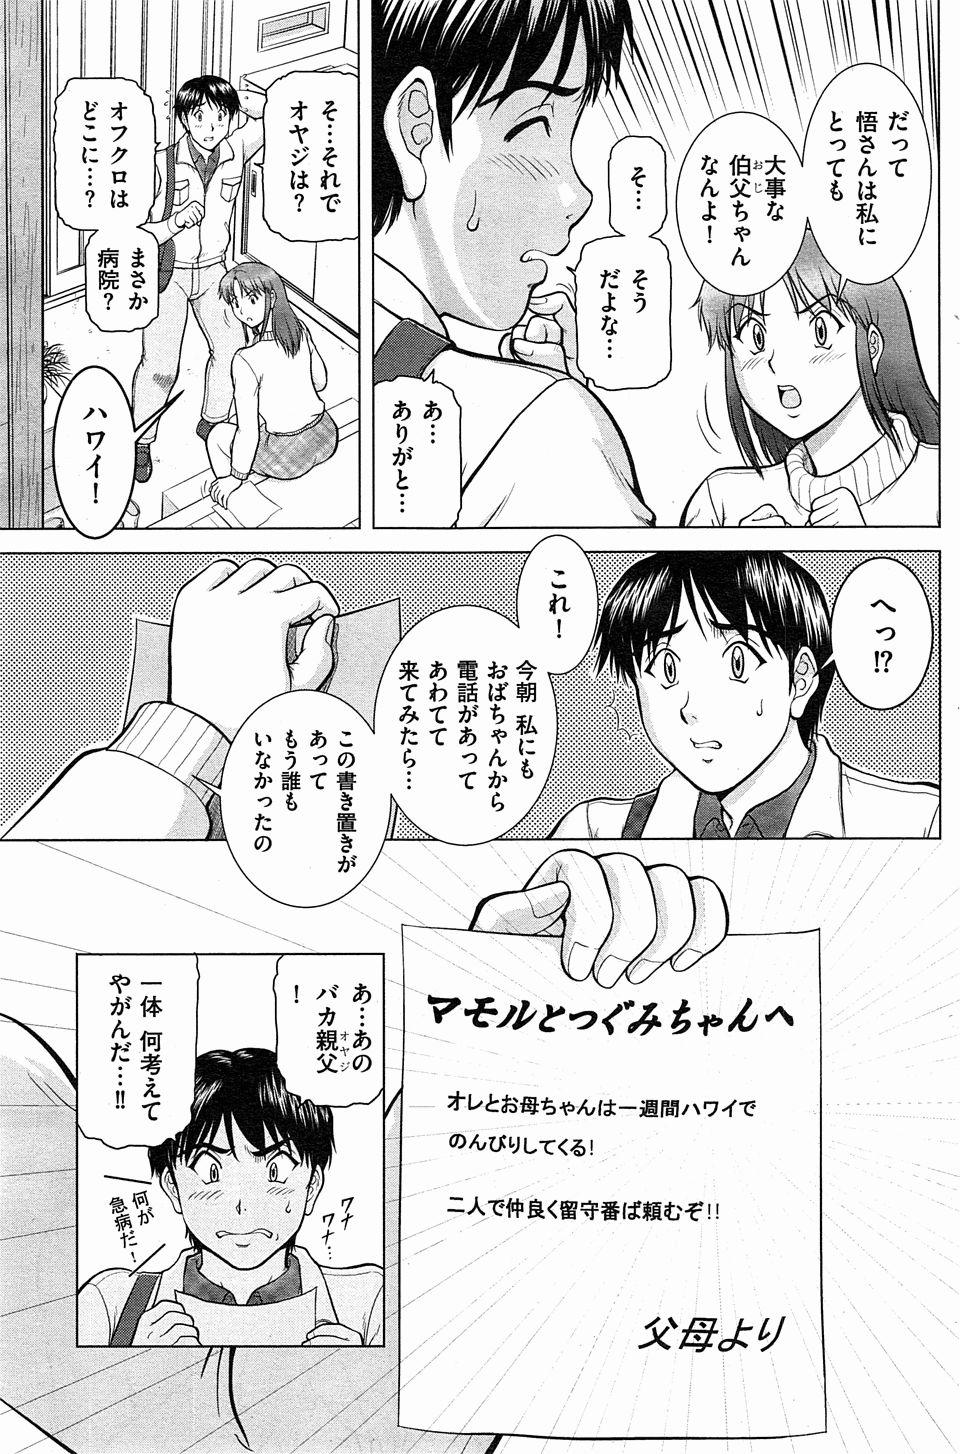 【エロ漫画・エロ同人】久々に田舎に帰って巨乳のイトコとセックスwww (5)